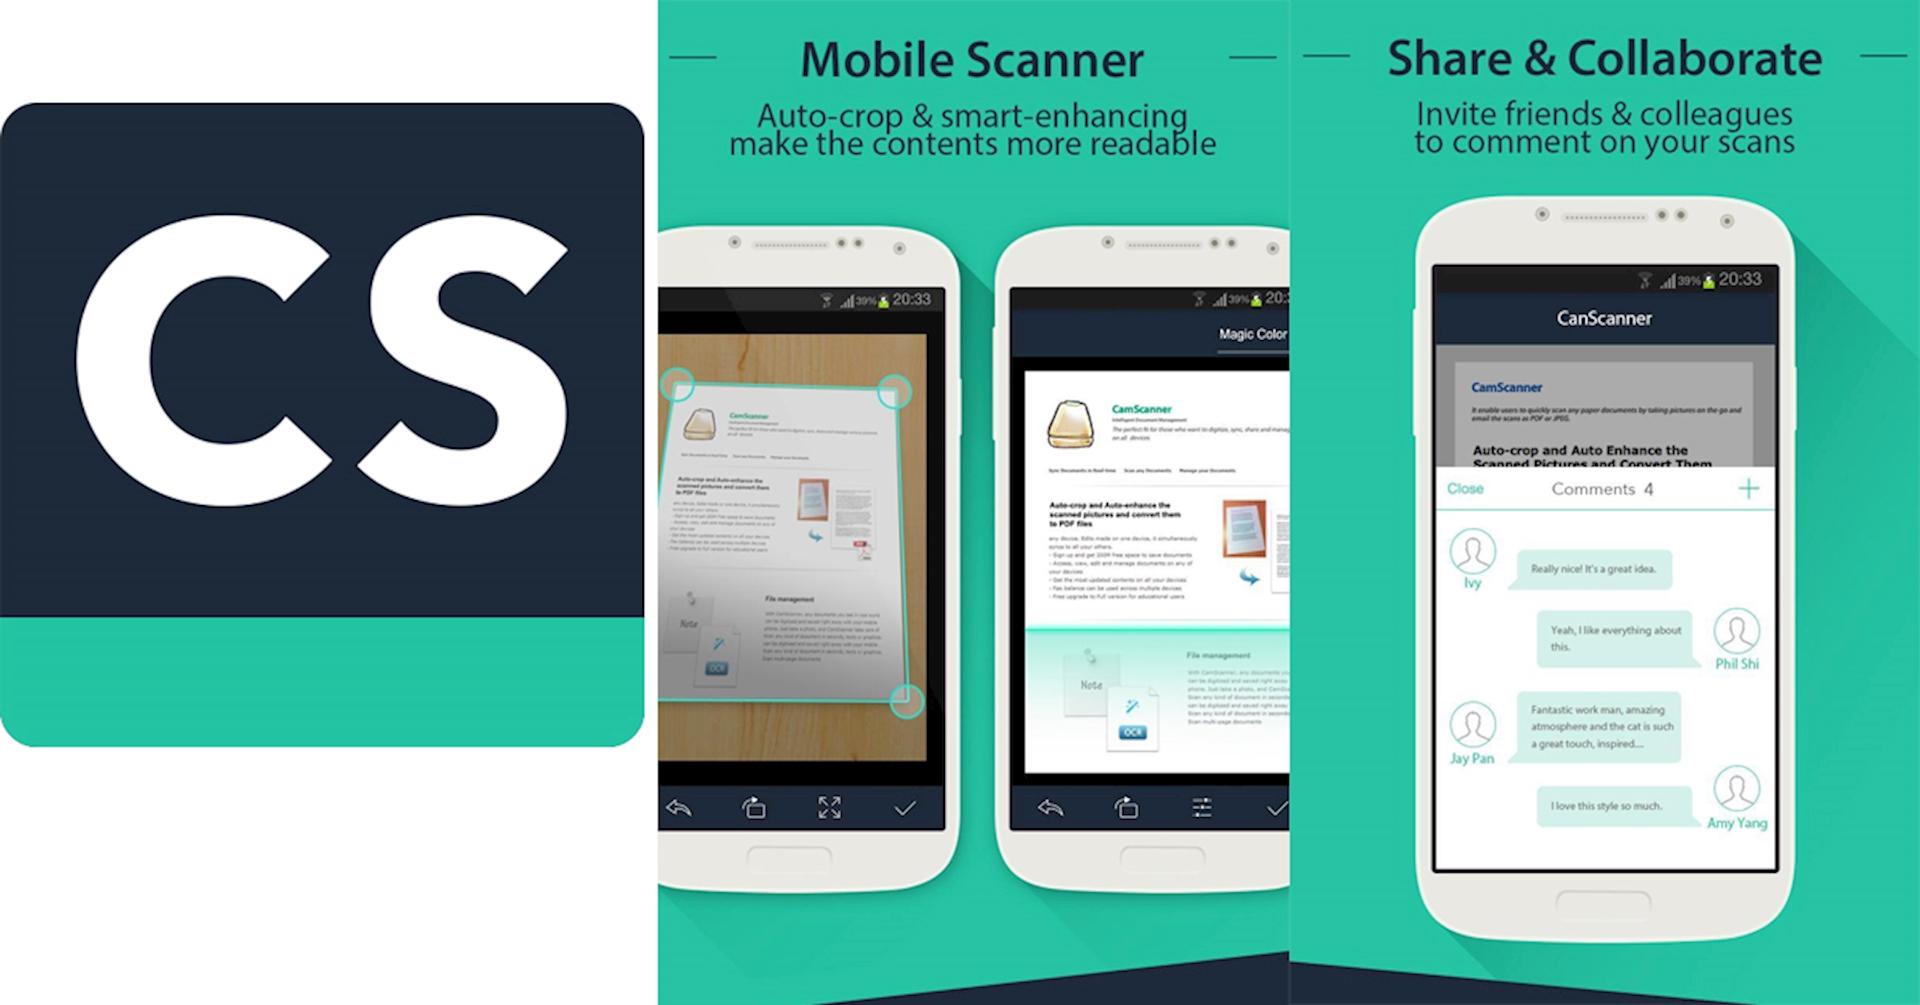 Sử dụng phần mềm scan trên điện thoại